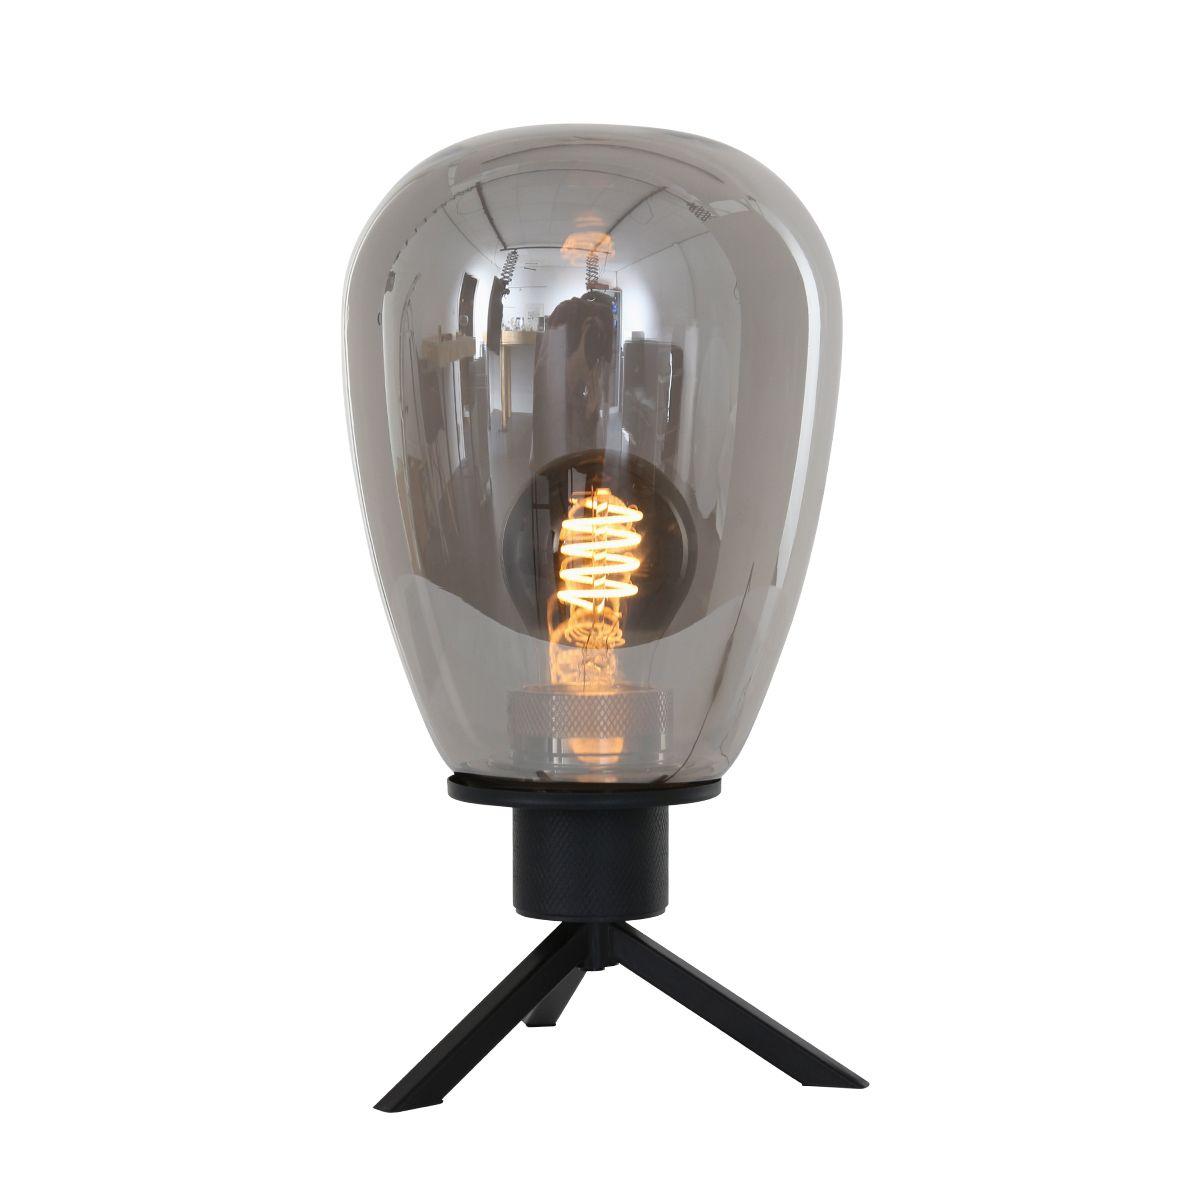 Steinhauer Tafellamp Reflexion Zwart